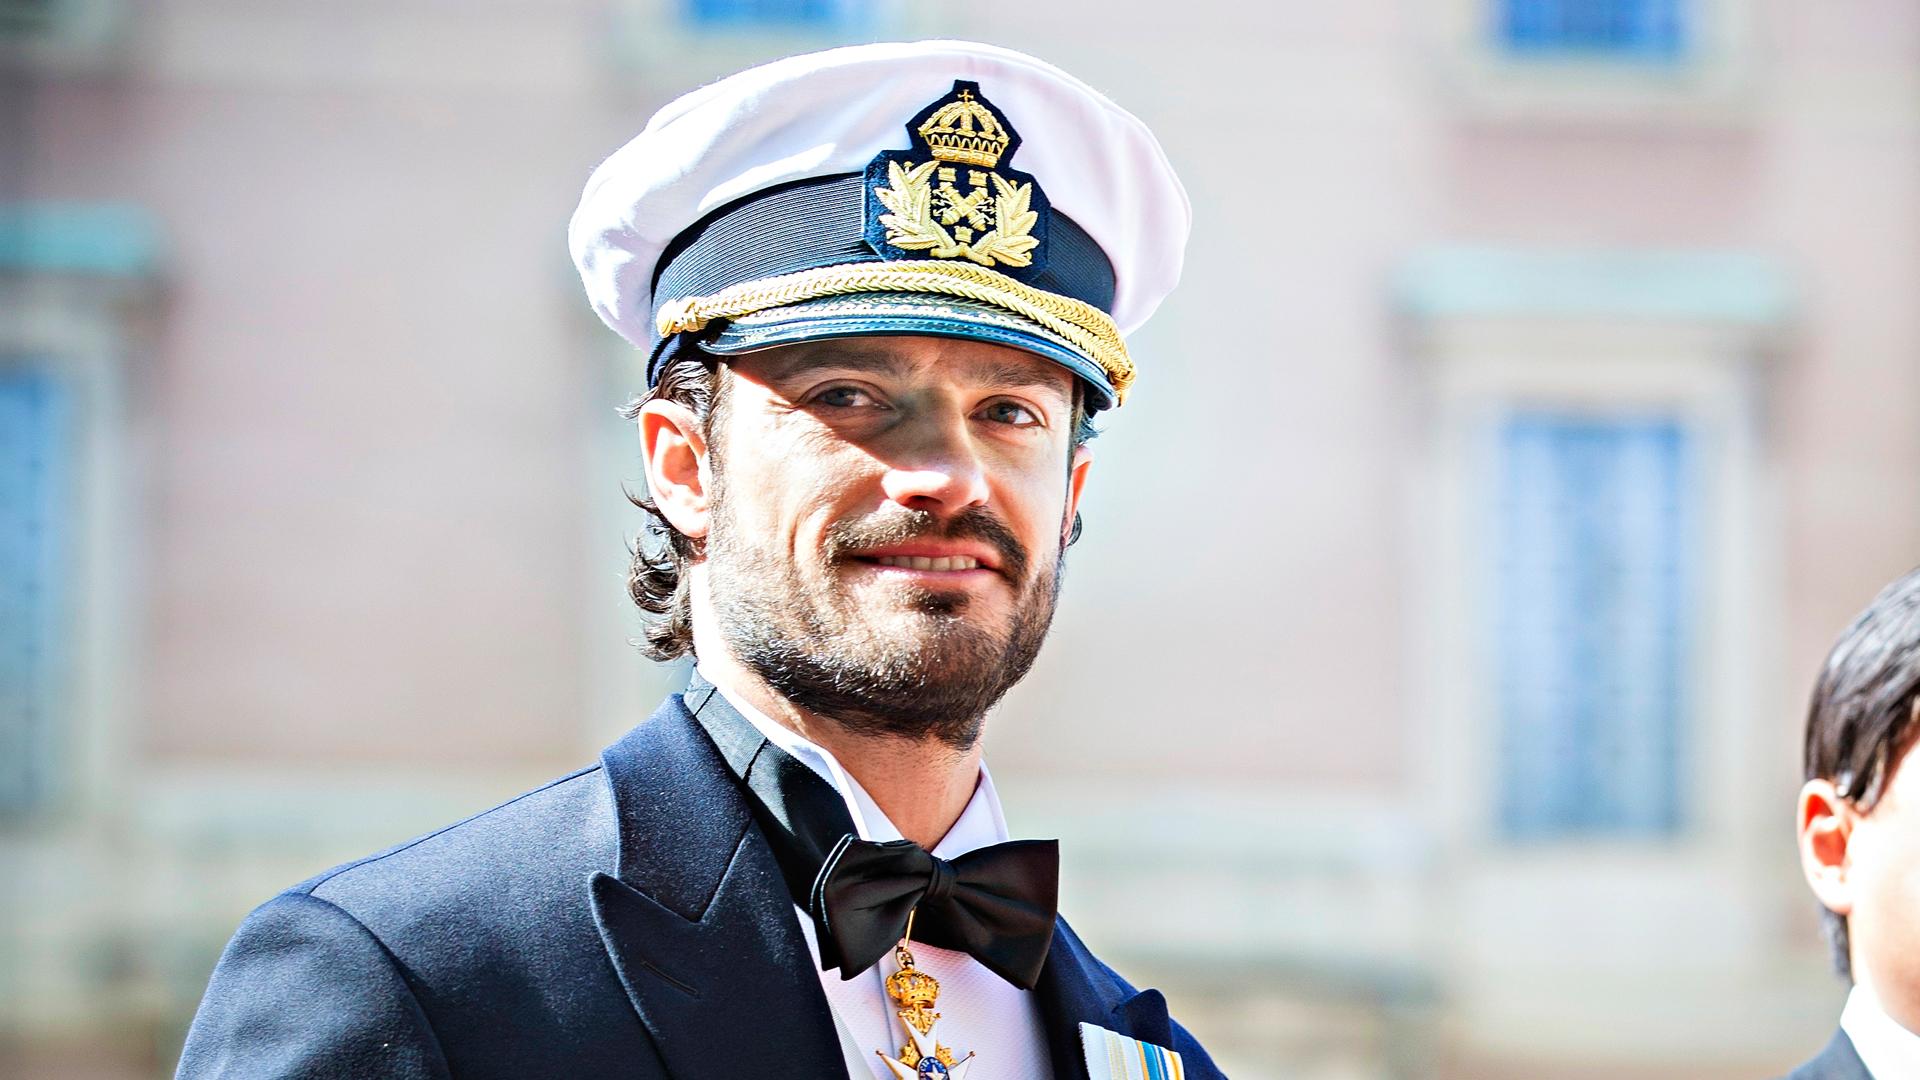 Prinssi Carl Philip